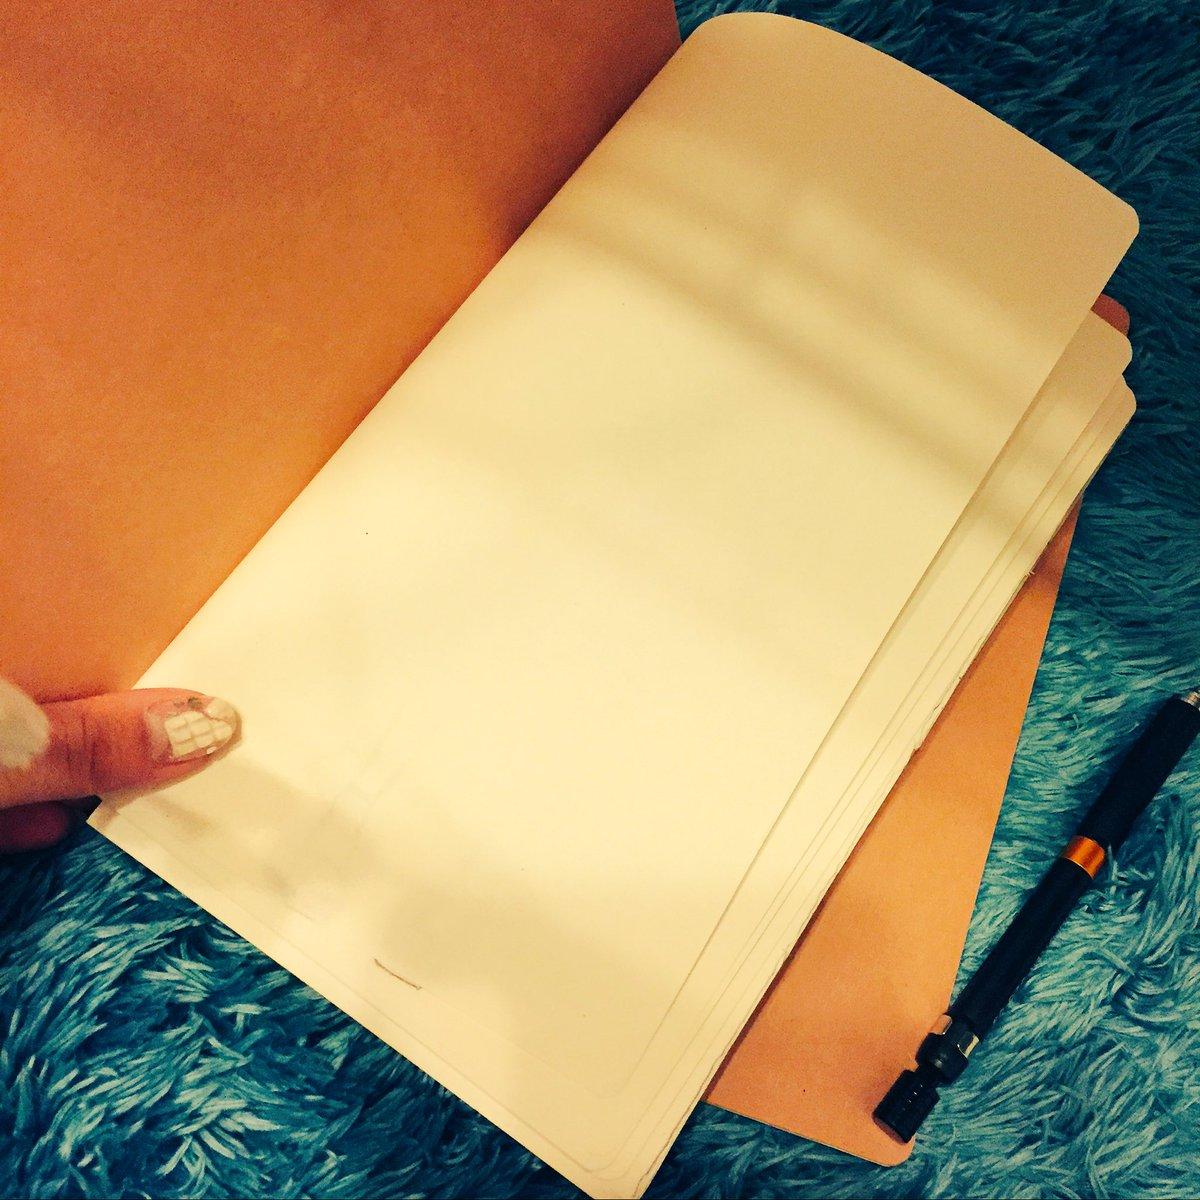 線が無いノートが好き。 線があると真面目が出ちゃって筆が遅くなるし、楽しい事はグチャ〜って手が勝手に…